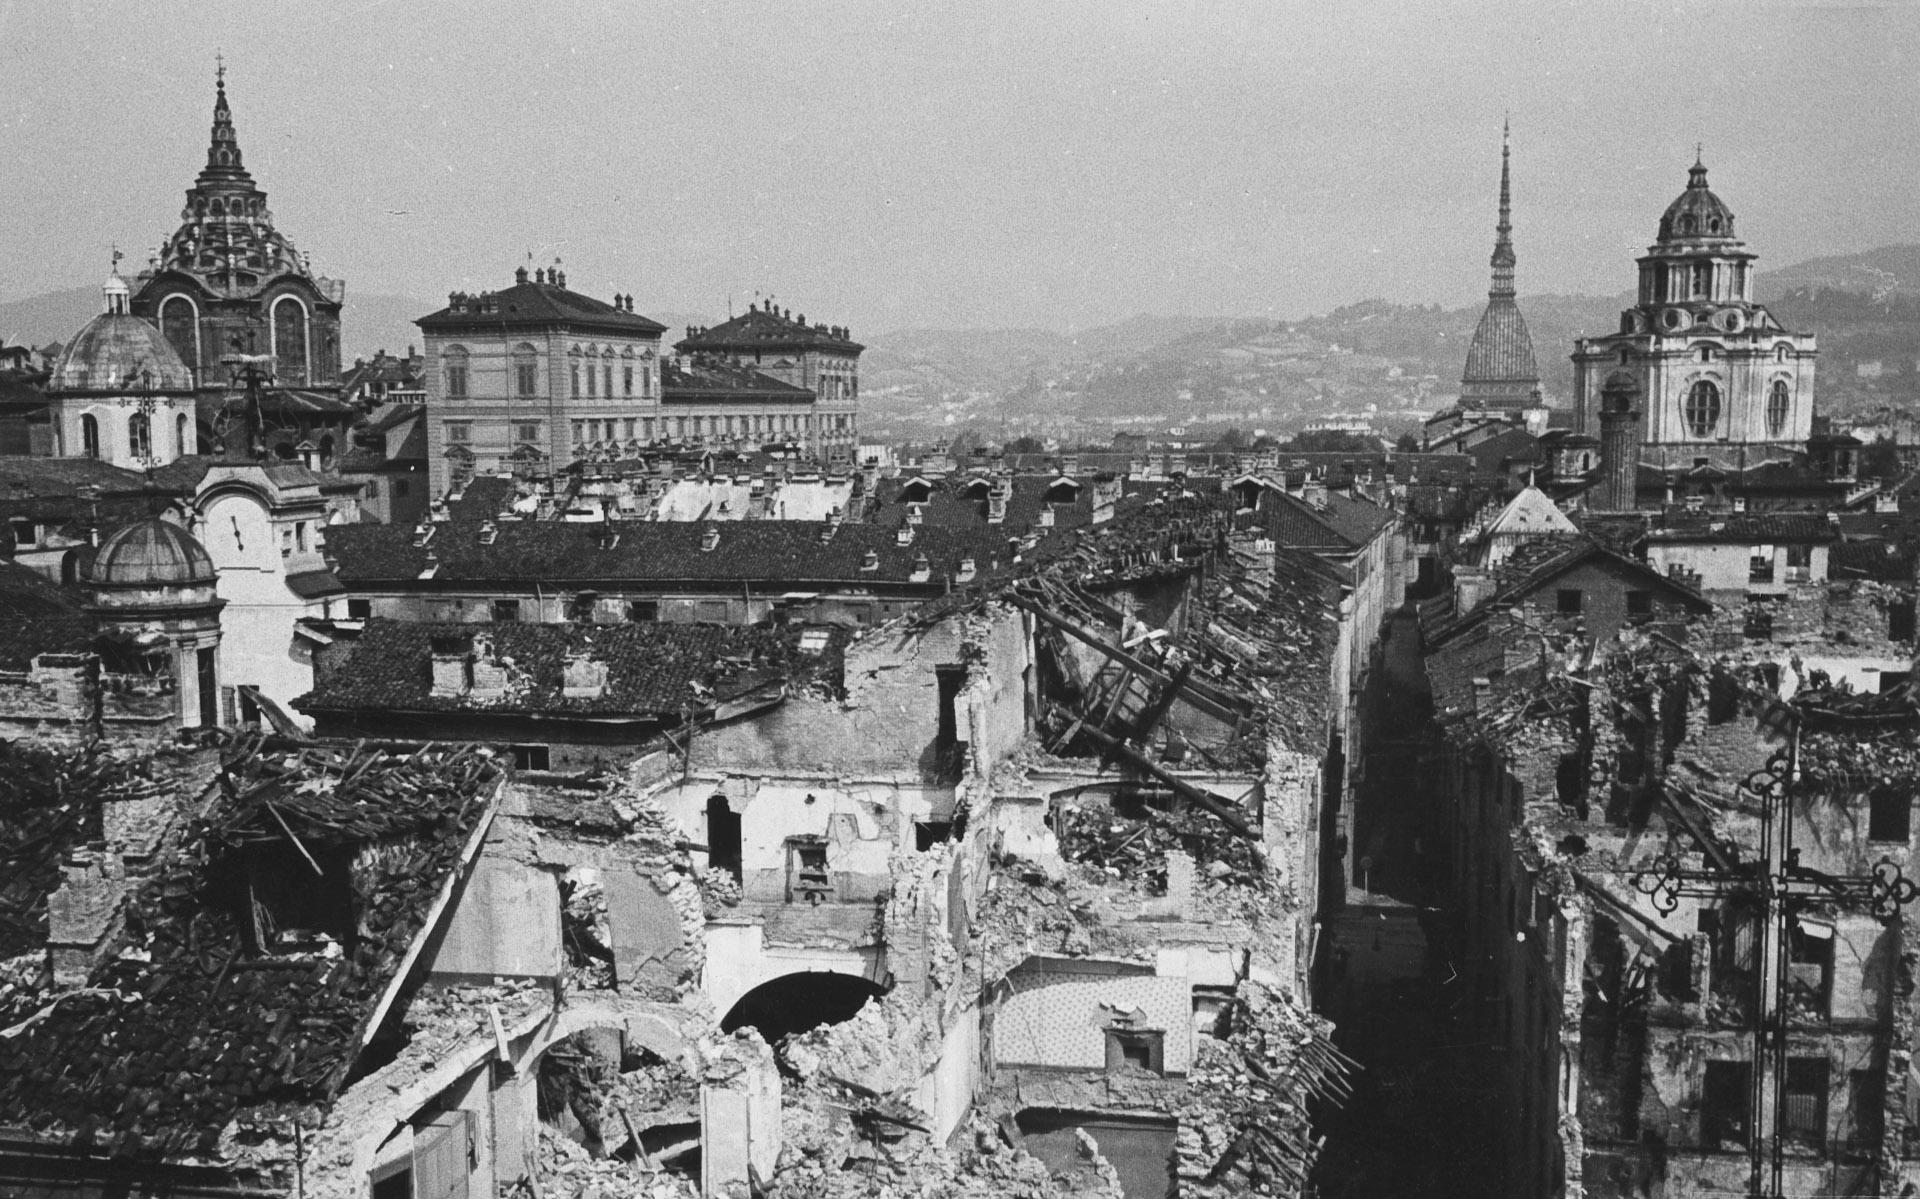 Ufficio Protezione Antiaerea,  Via Cappel Verde angolo via Porta Palatina, incursione aerea del 13 luglio 1943 , 1943, gelatina ai sali d'argento, - 13 x 18 cm, courtesy Archivio Storico della Città di Torino